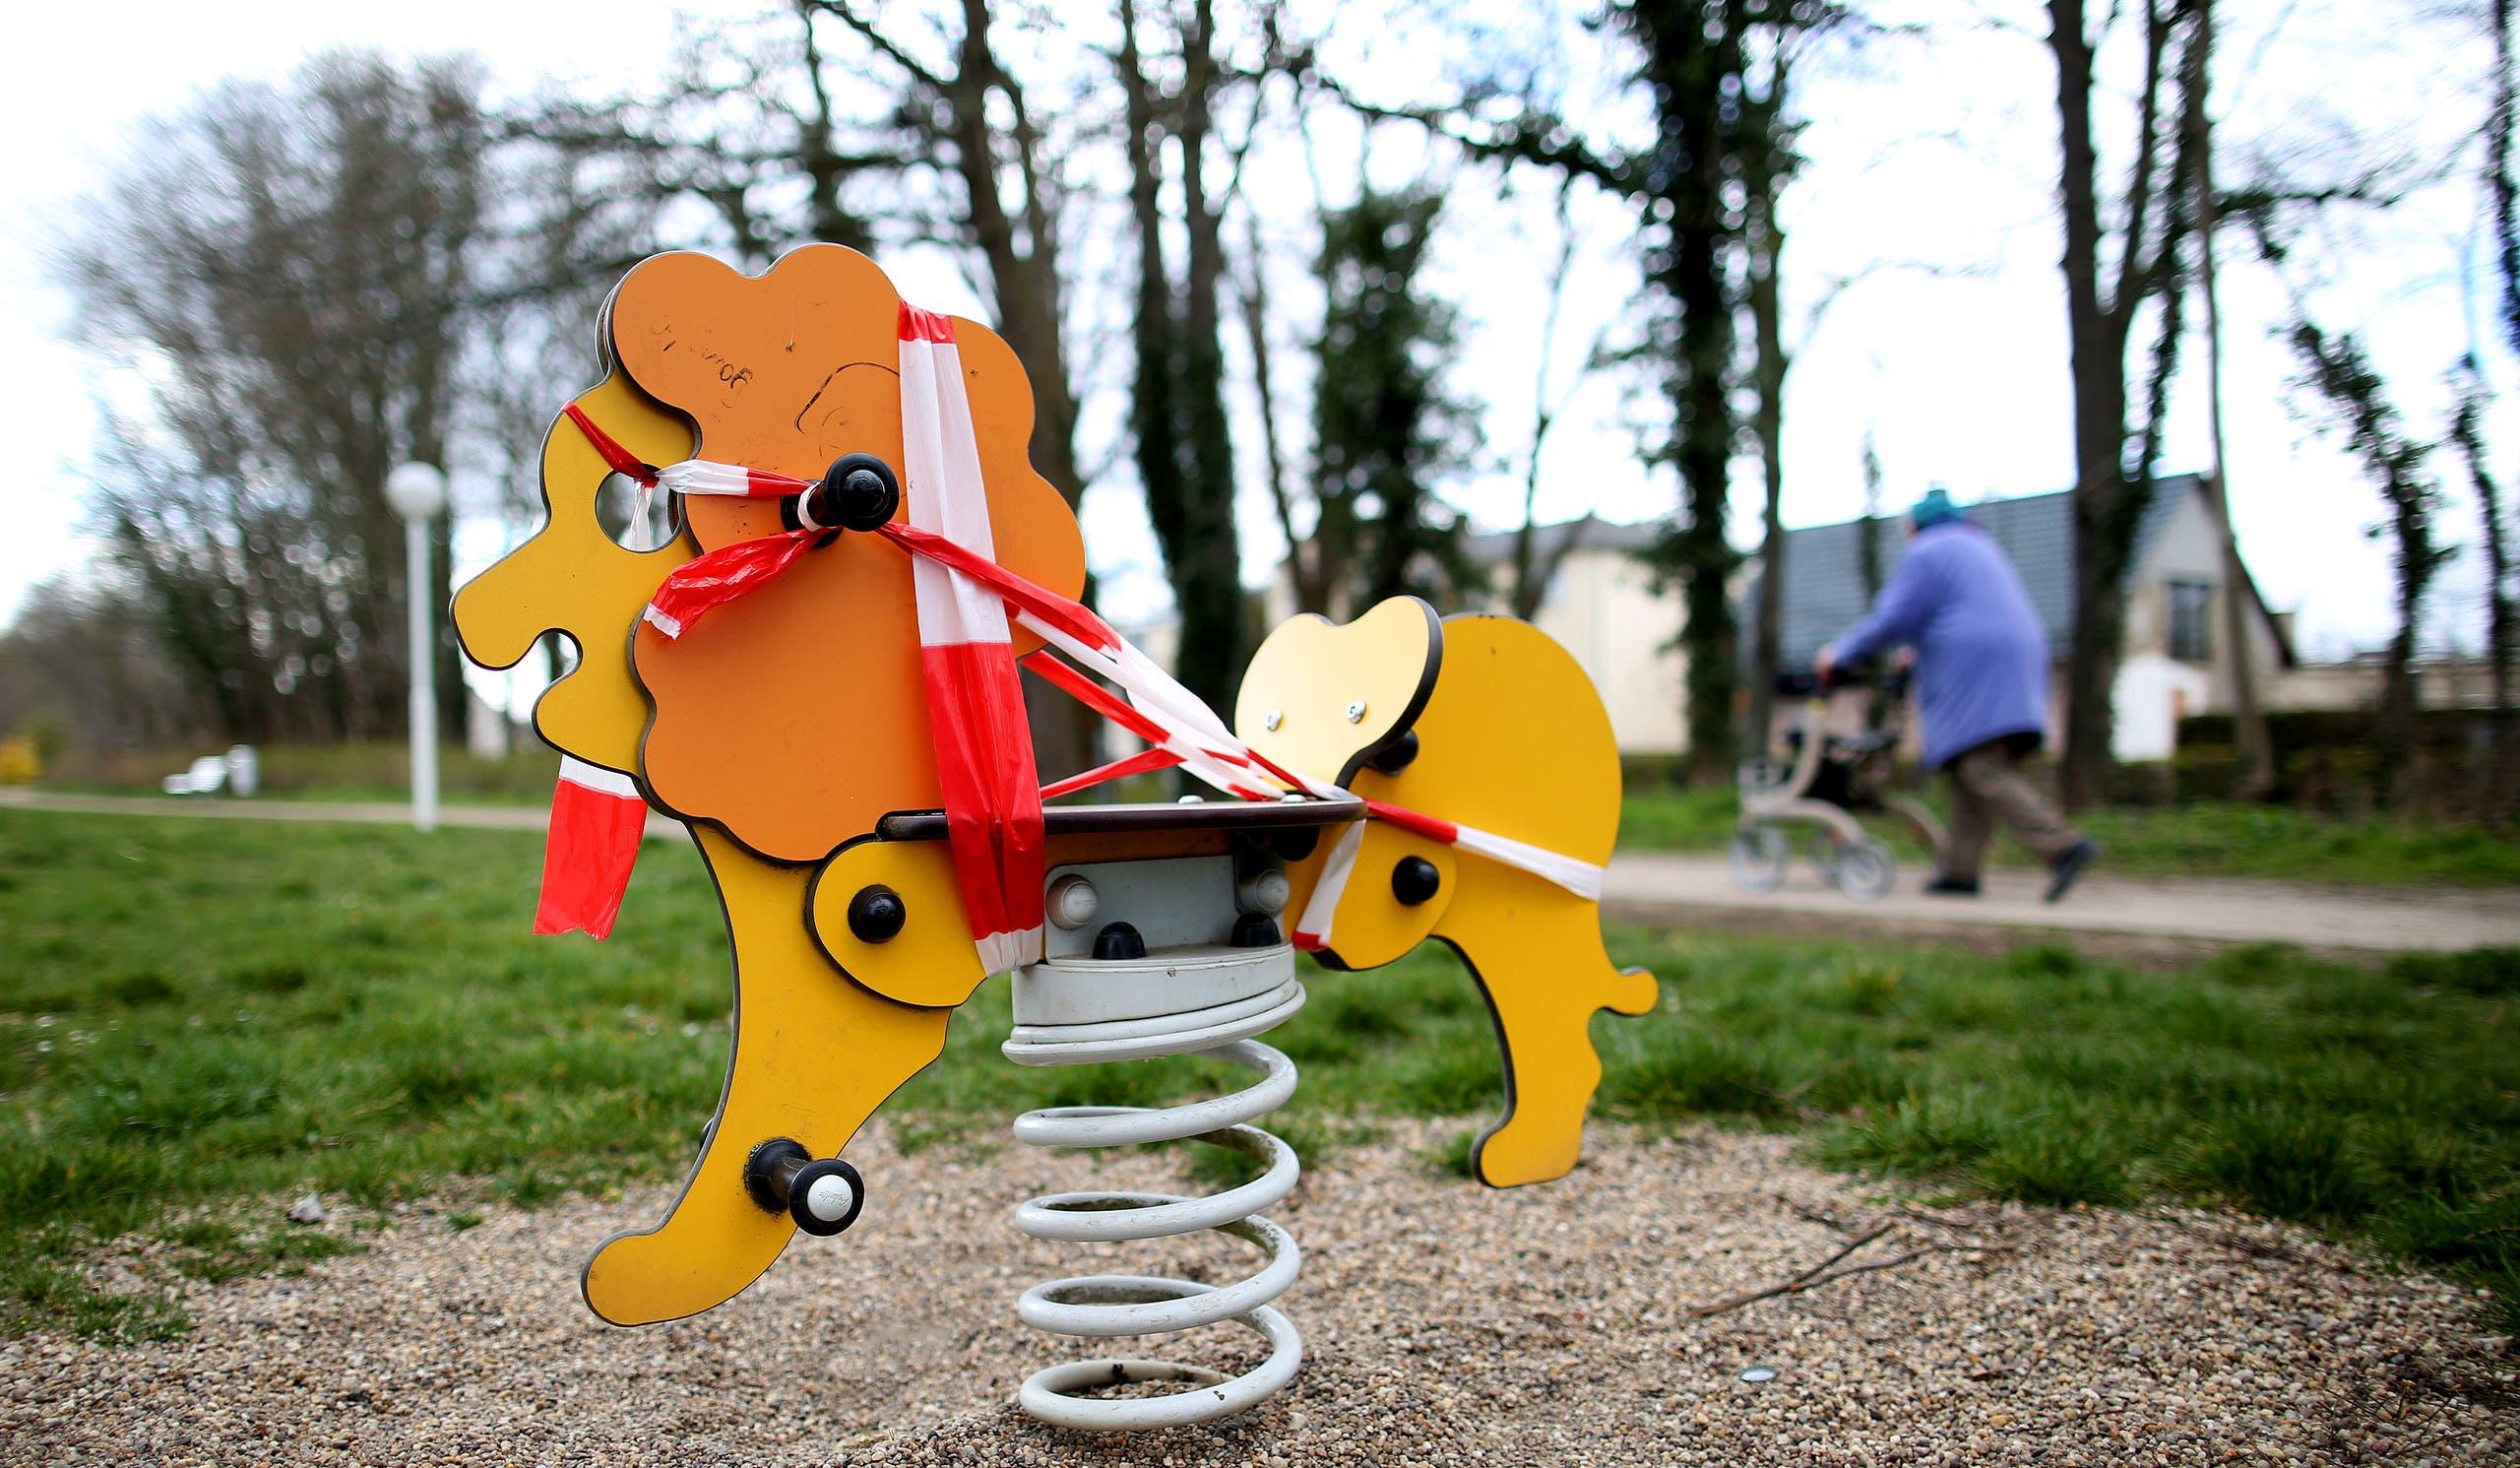 ألعاب الأطفال في حدائق ألمانيا تم لفها بشرائط لمنع الناس من استخدامها